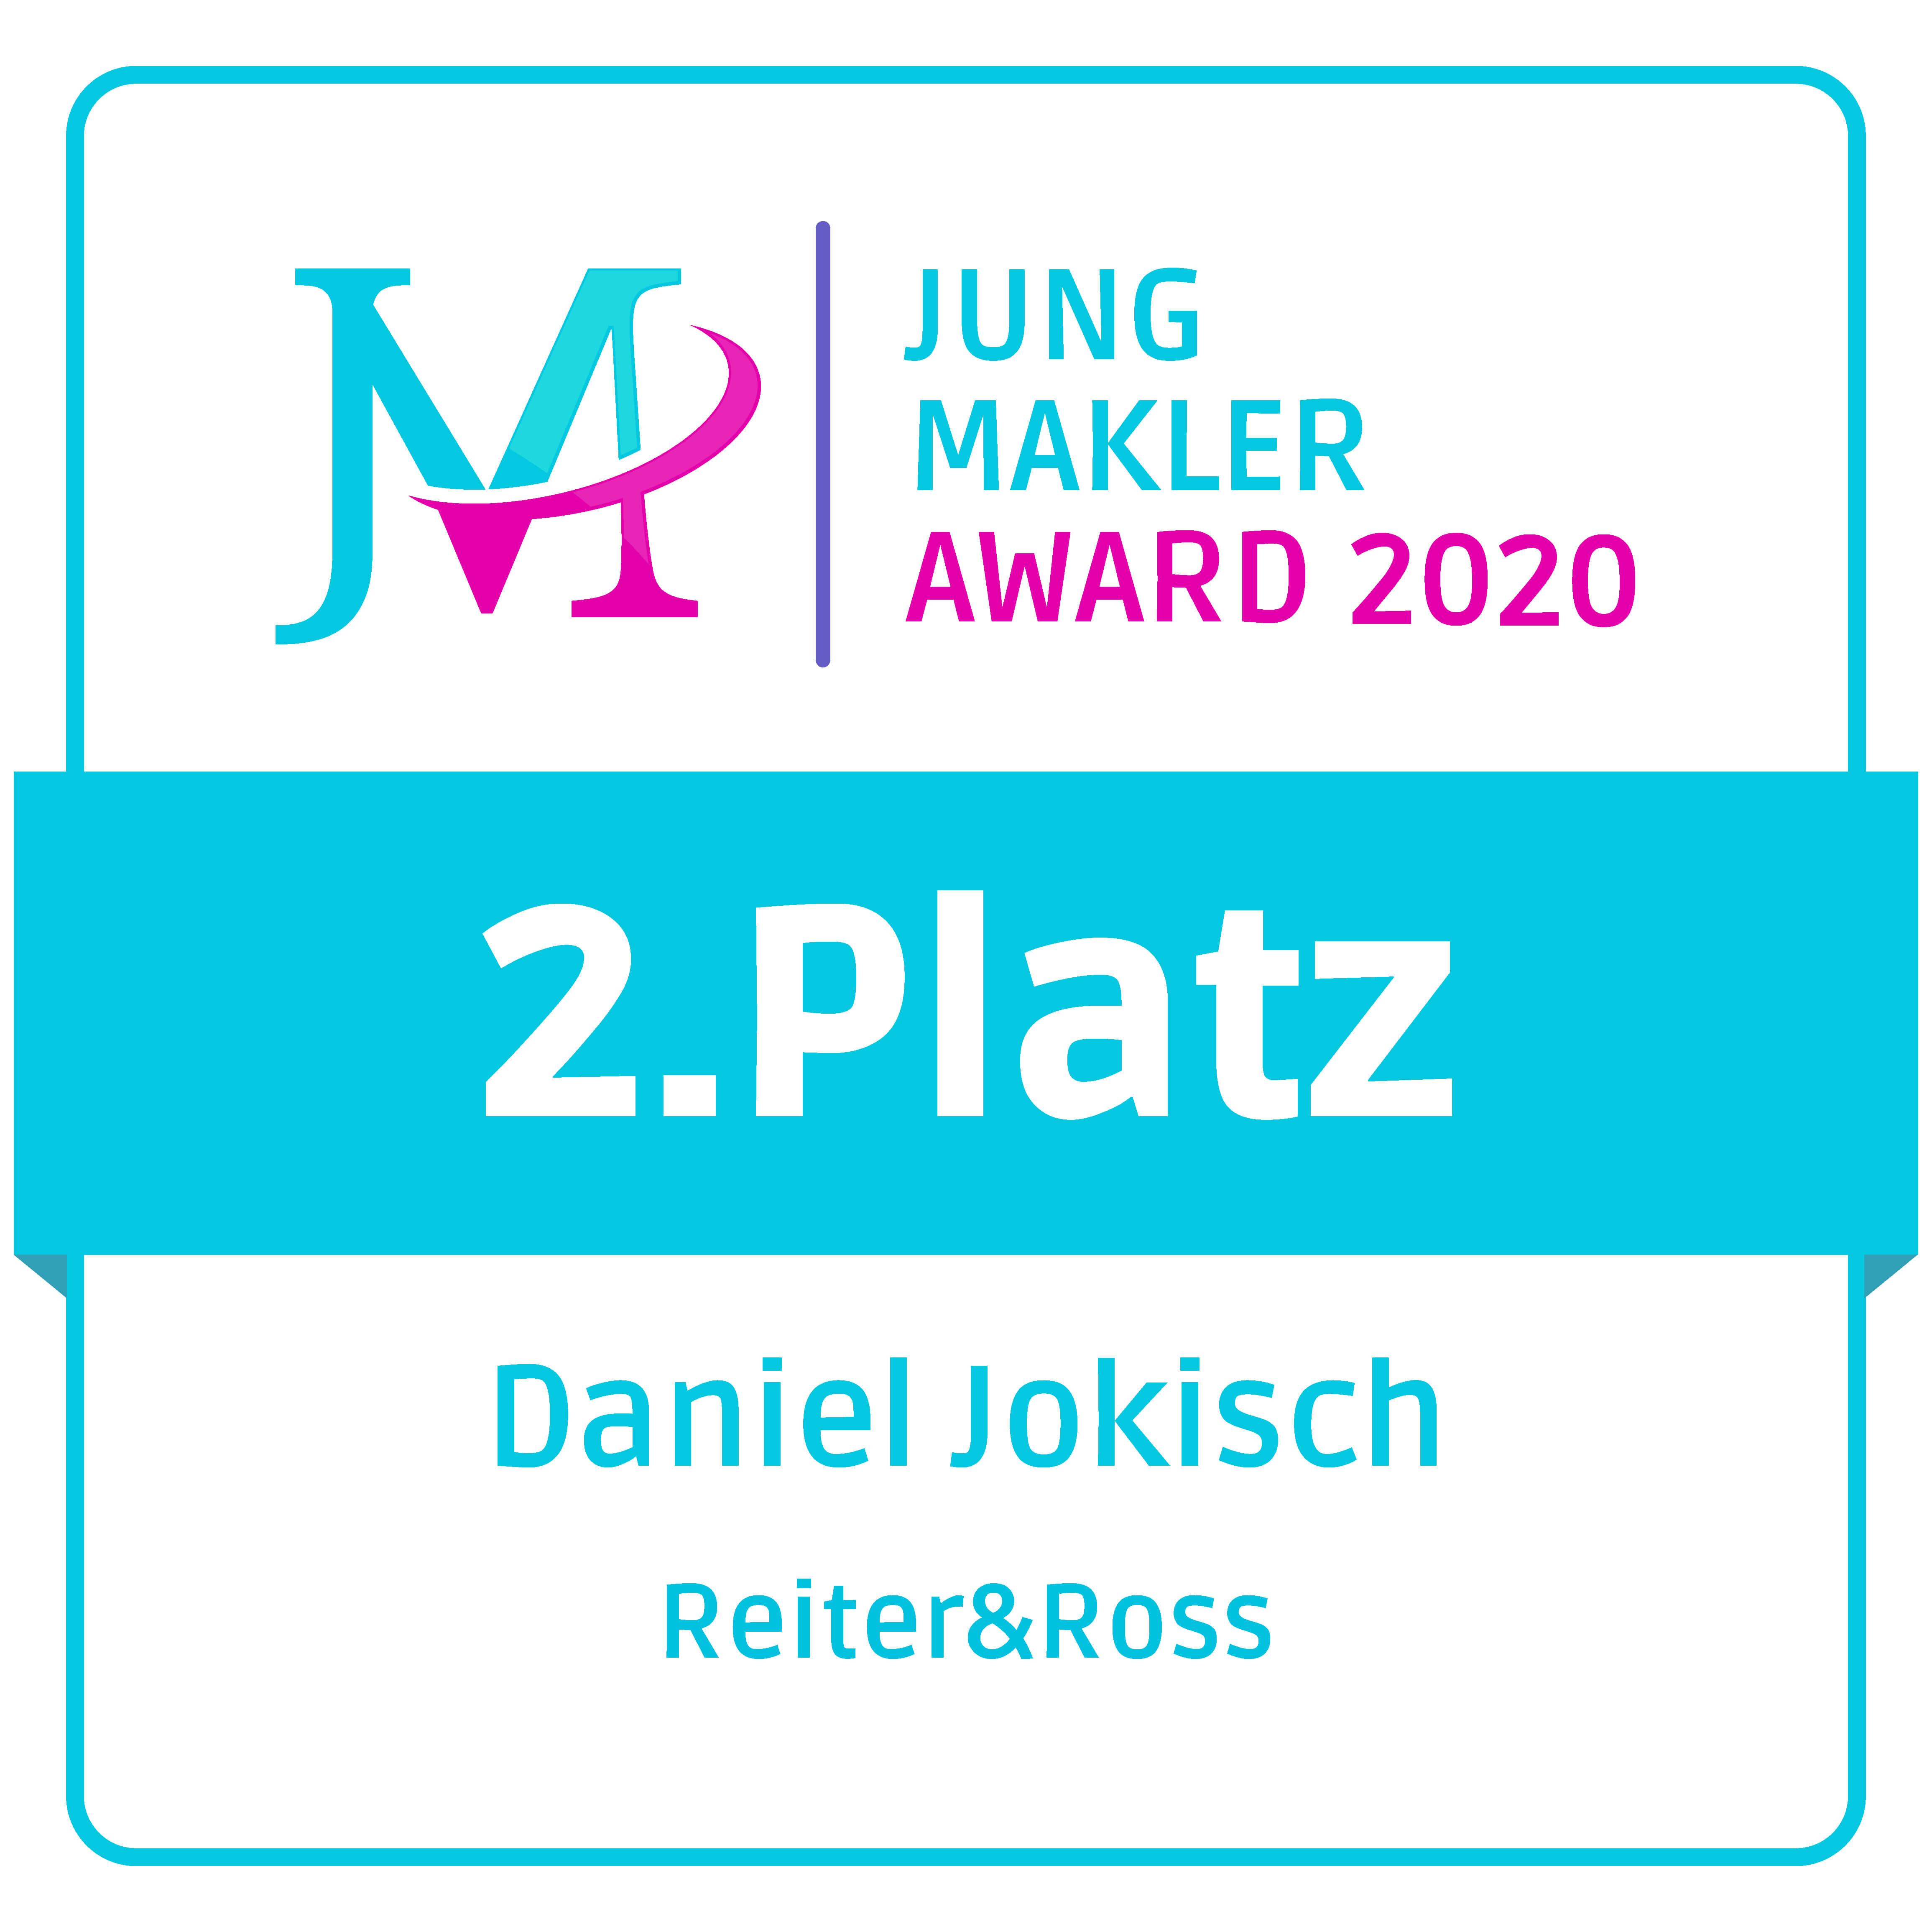 Jung Makler Award für Daniel Jokisch